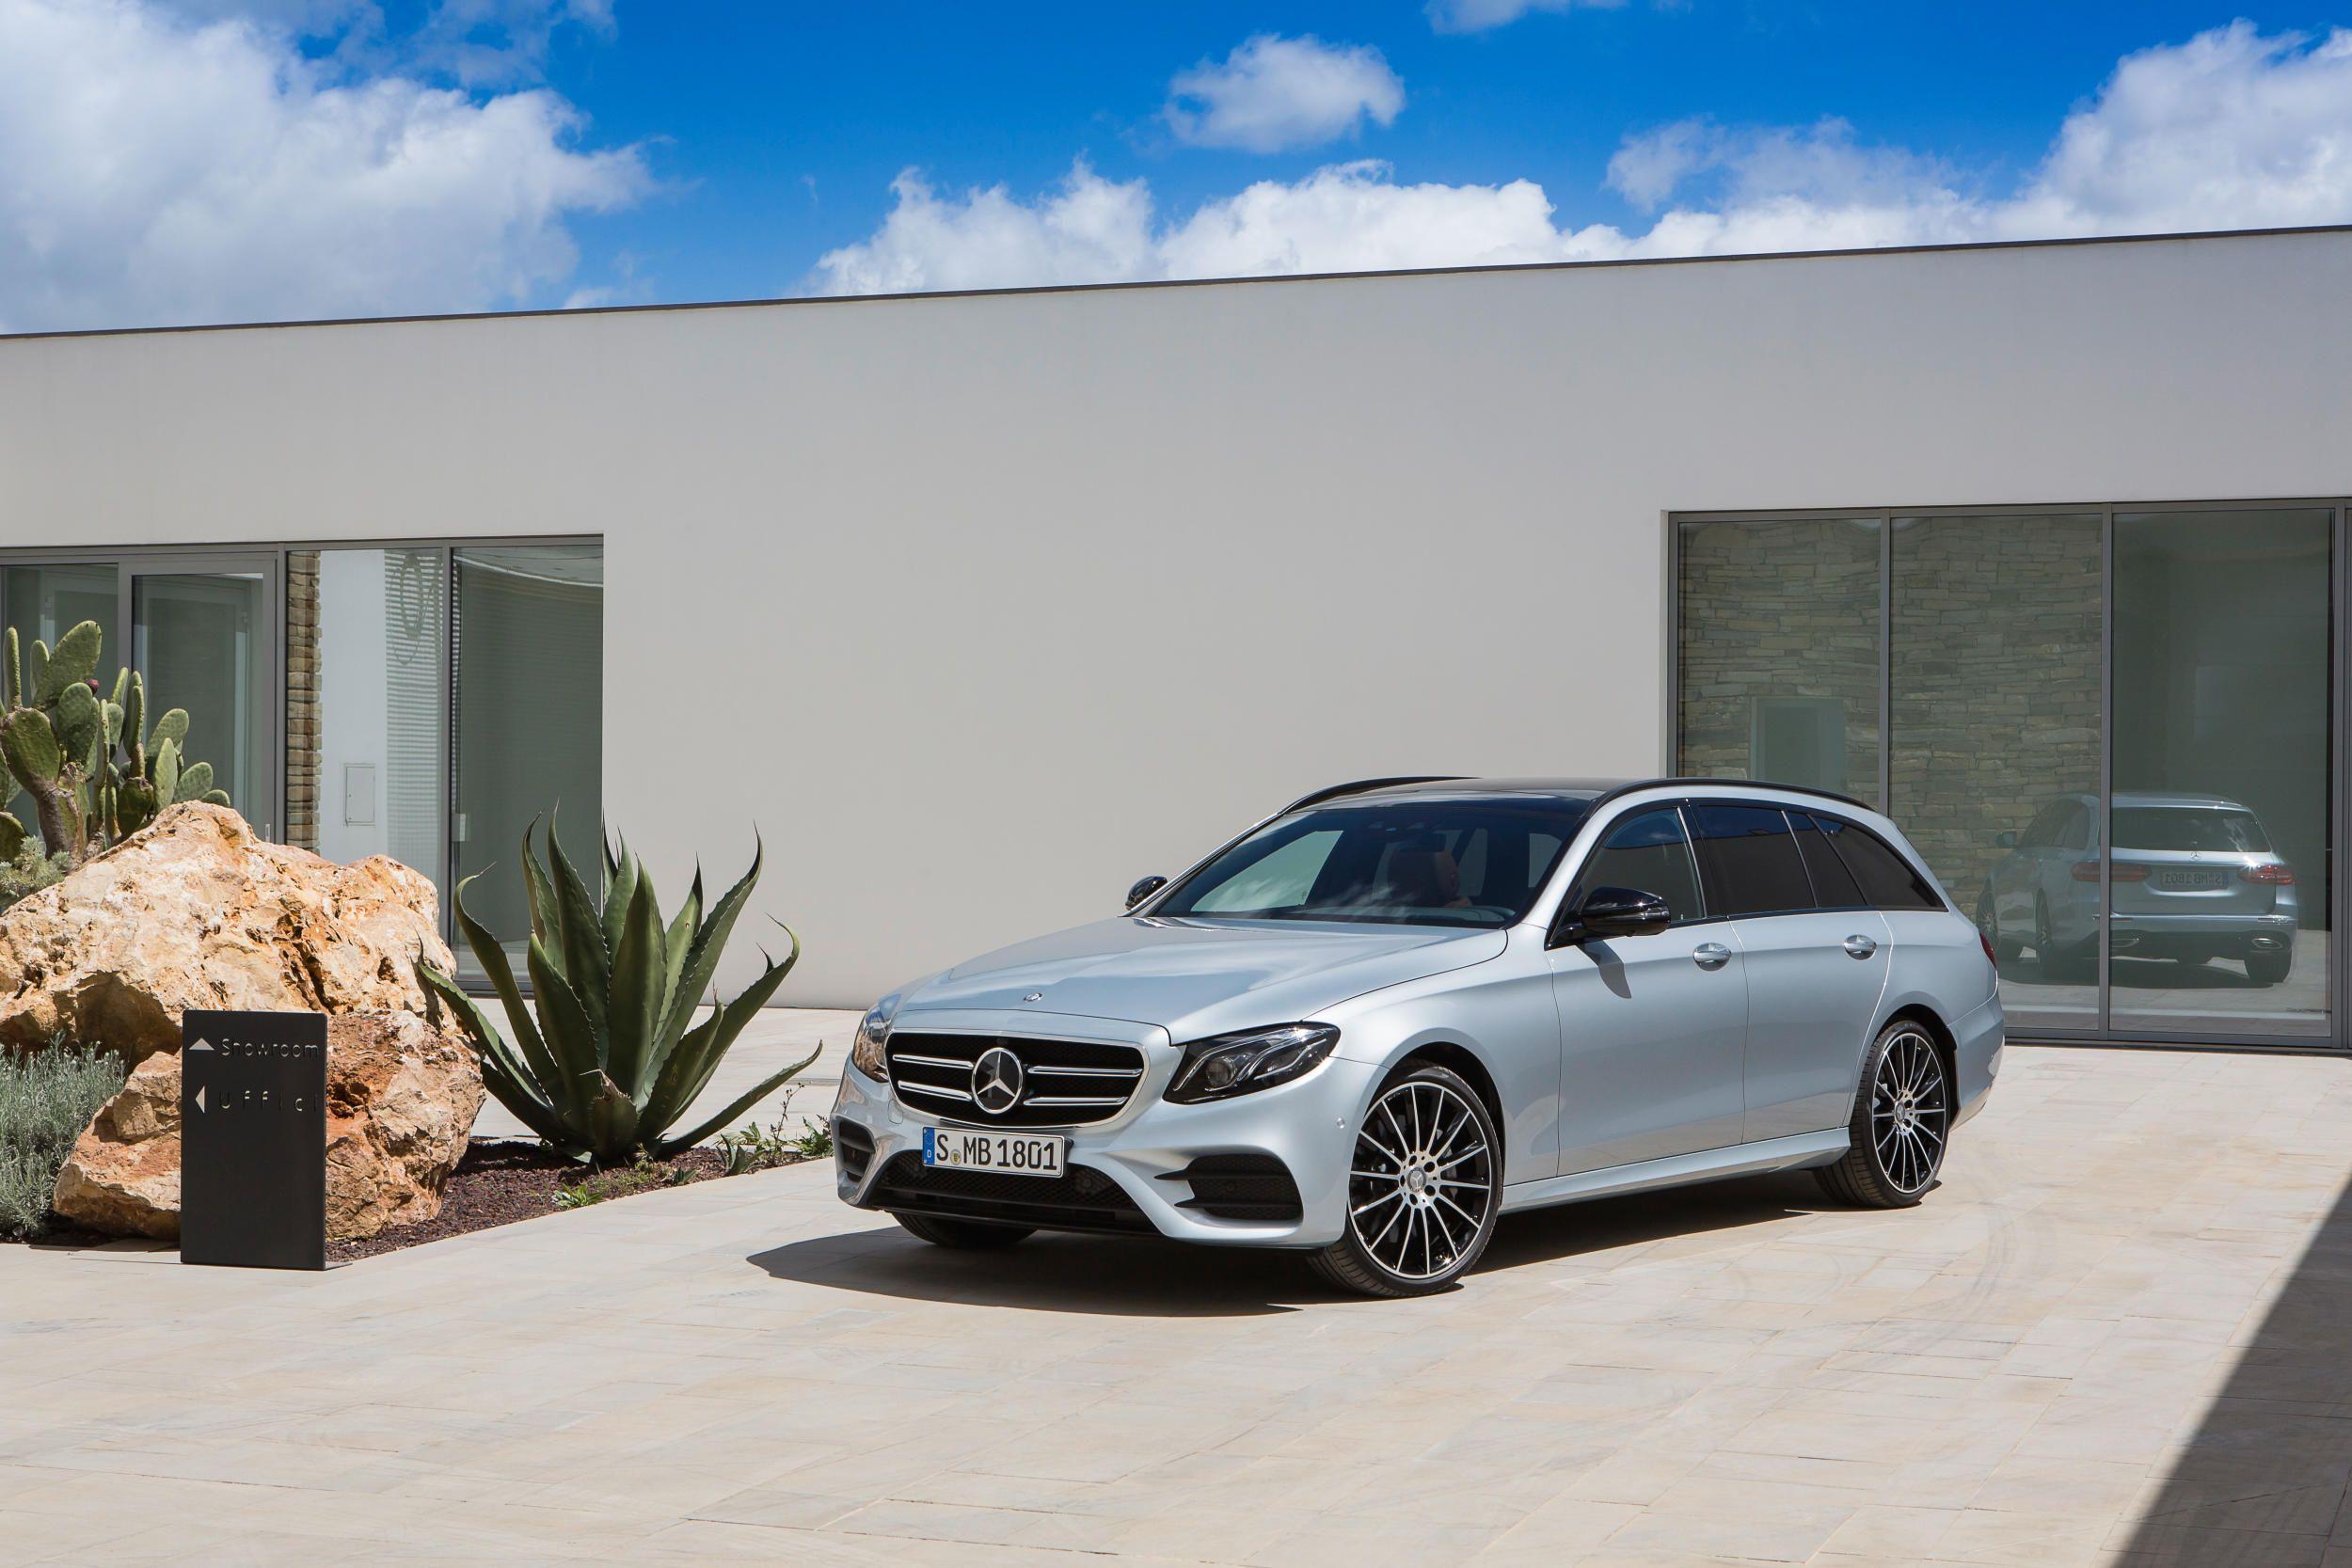 The 2017 Mercedes E Class Wagon Is Their Most High Tech Hatch Yet Mercedes Benz Cars Benz E Benz E Class